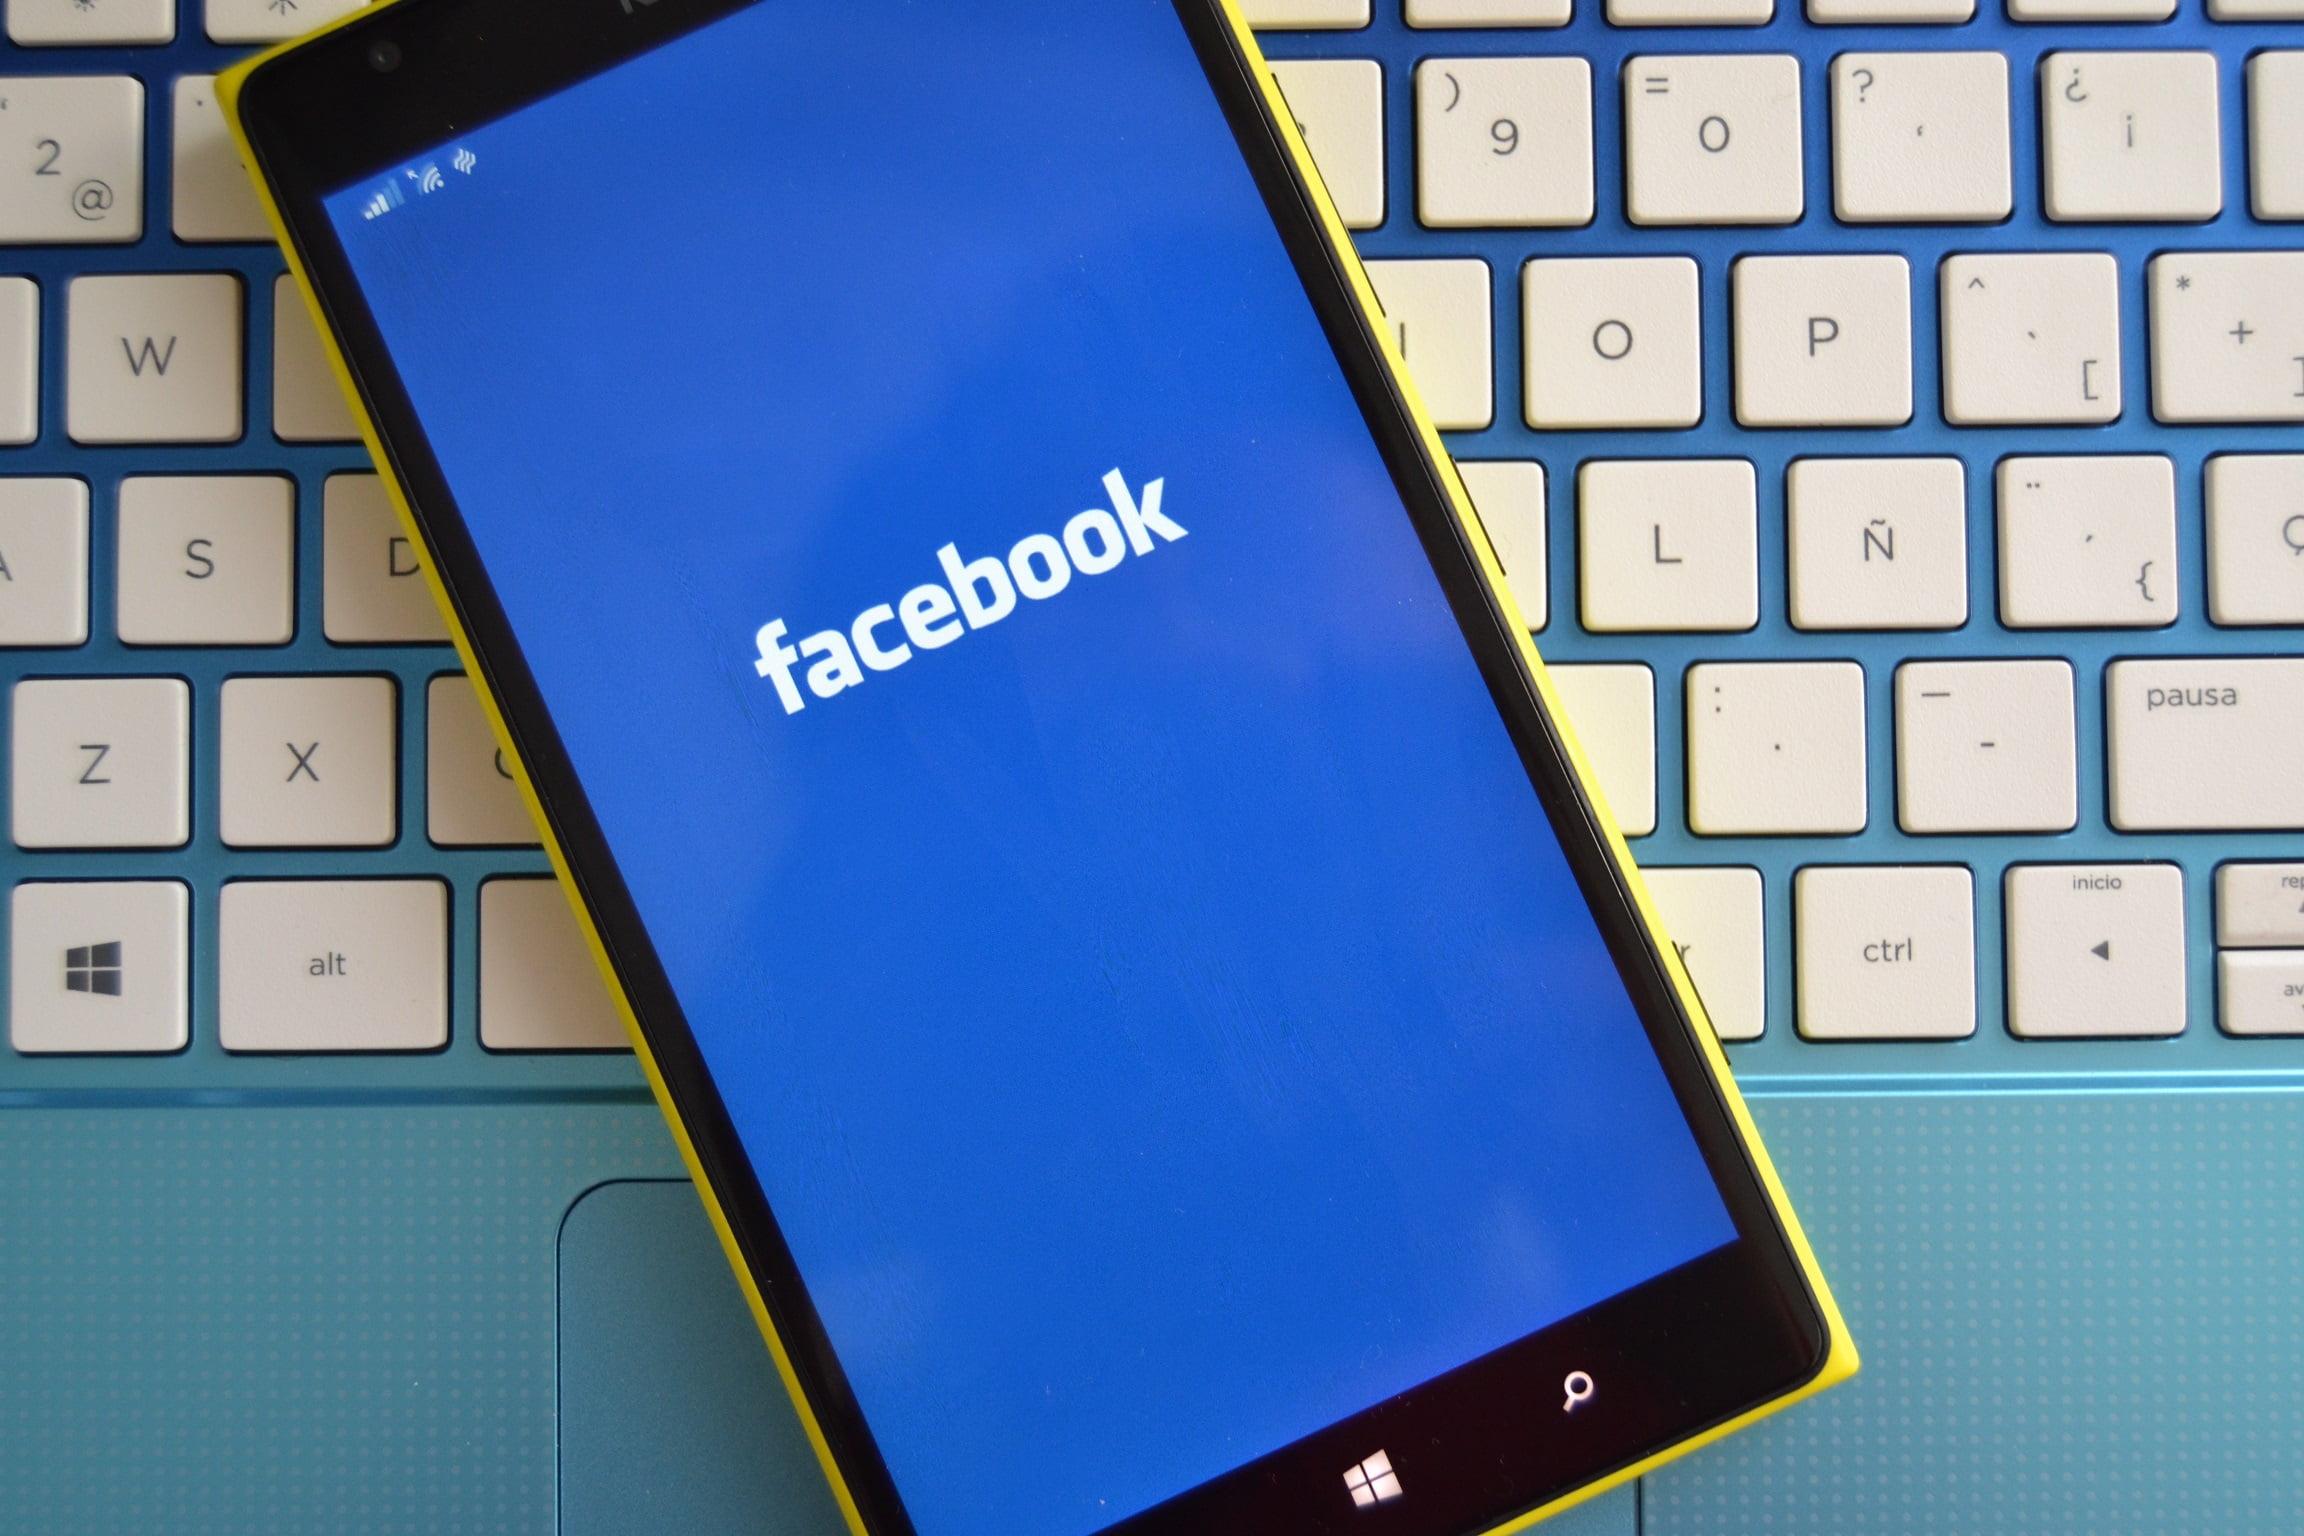 Fotografía a un teléfono con el logo de Facebook